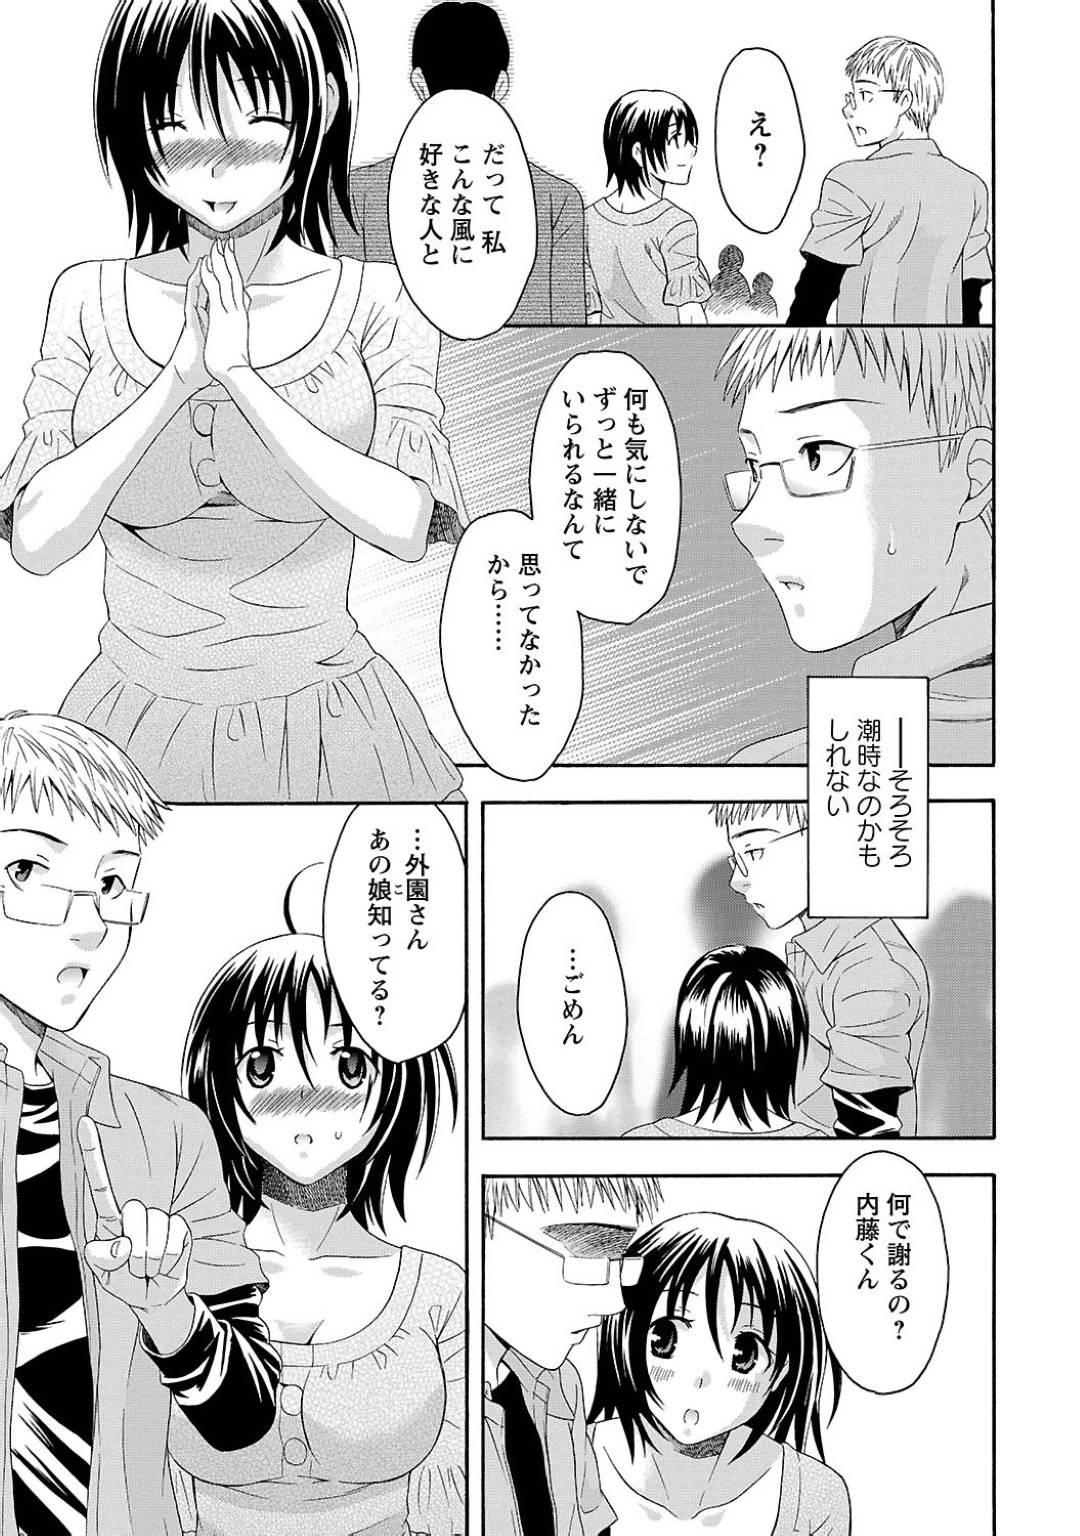 【エロ漫画】彼氏に求められるがままにセックスするショートヘア彼女…彼女は彼に乳首責めやクンニを受けた後、正常位で生挿入されてイキまくる!【まりぴょん:幸せ+-0】